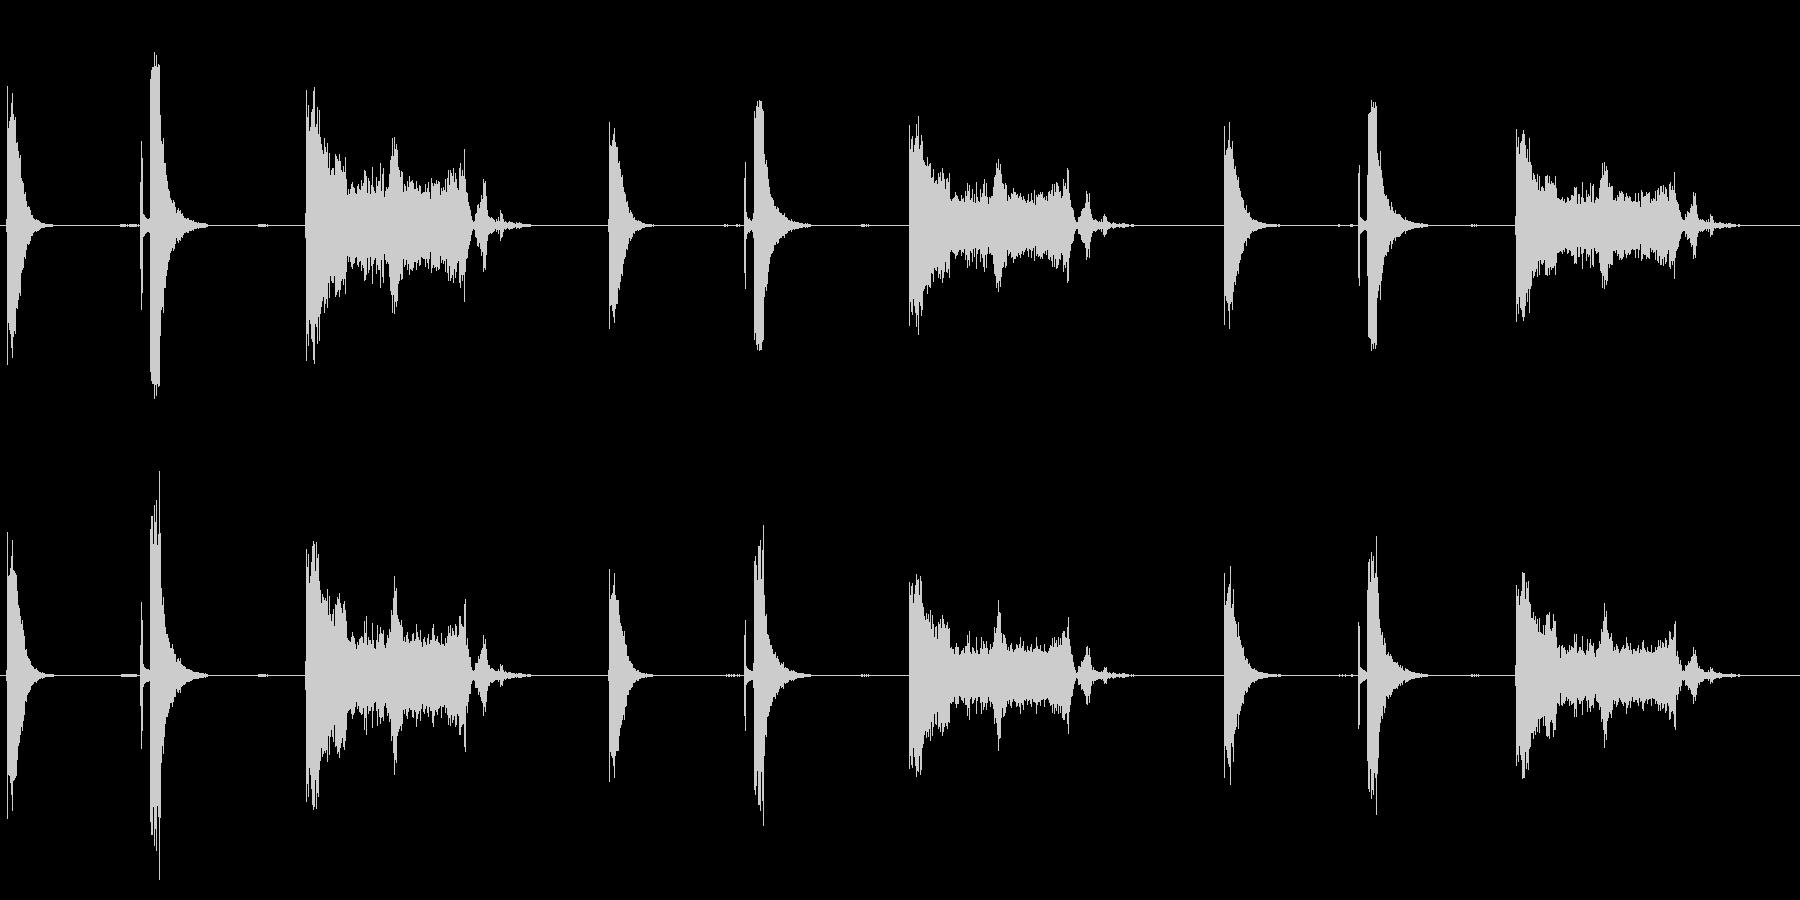 スイッチ、モータースタート、3バー...の未再生の波形